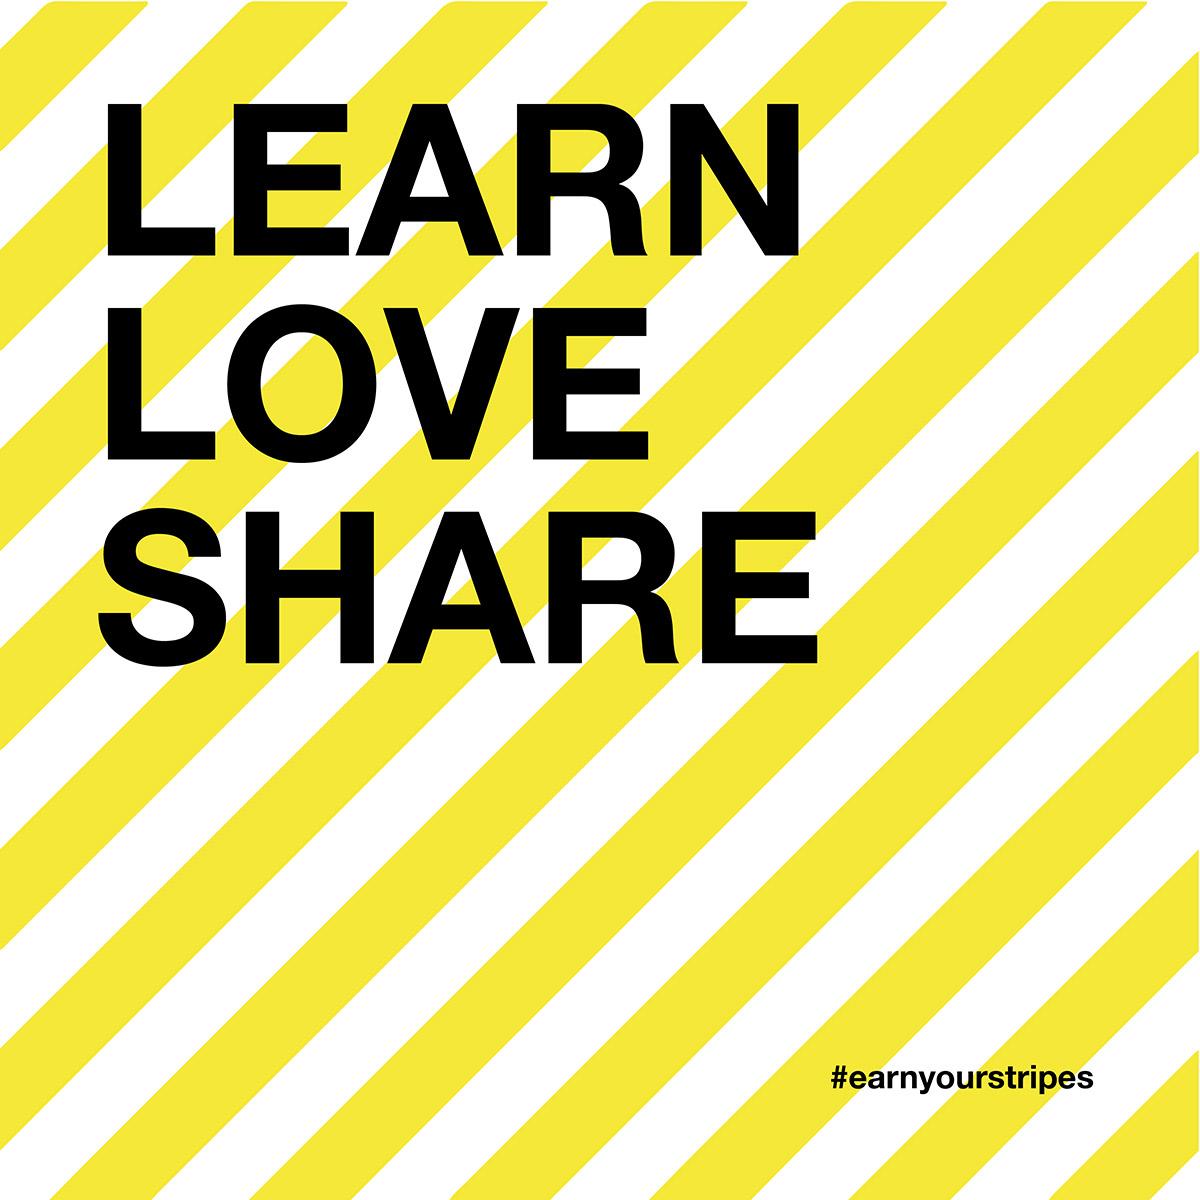 learn-love-share